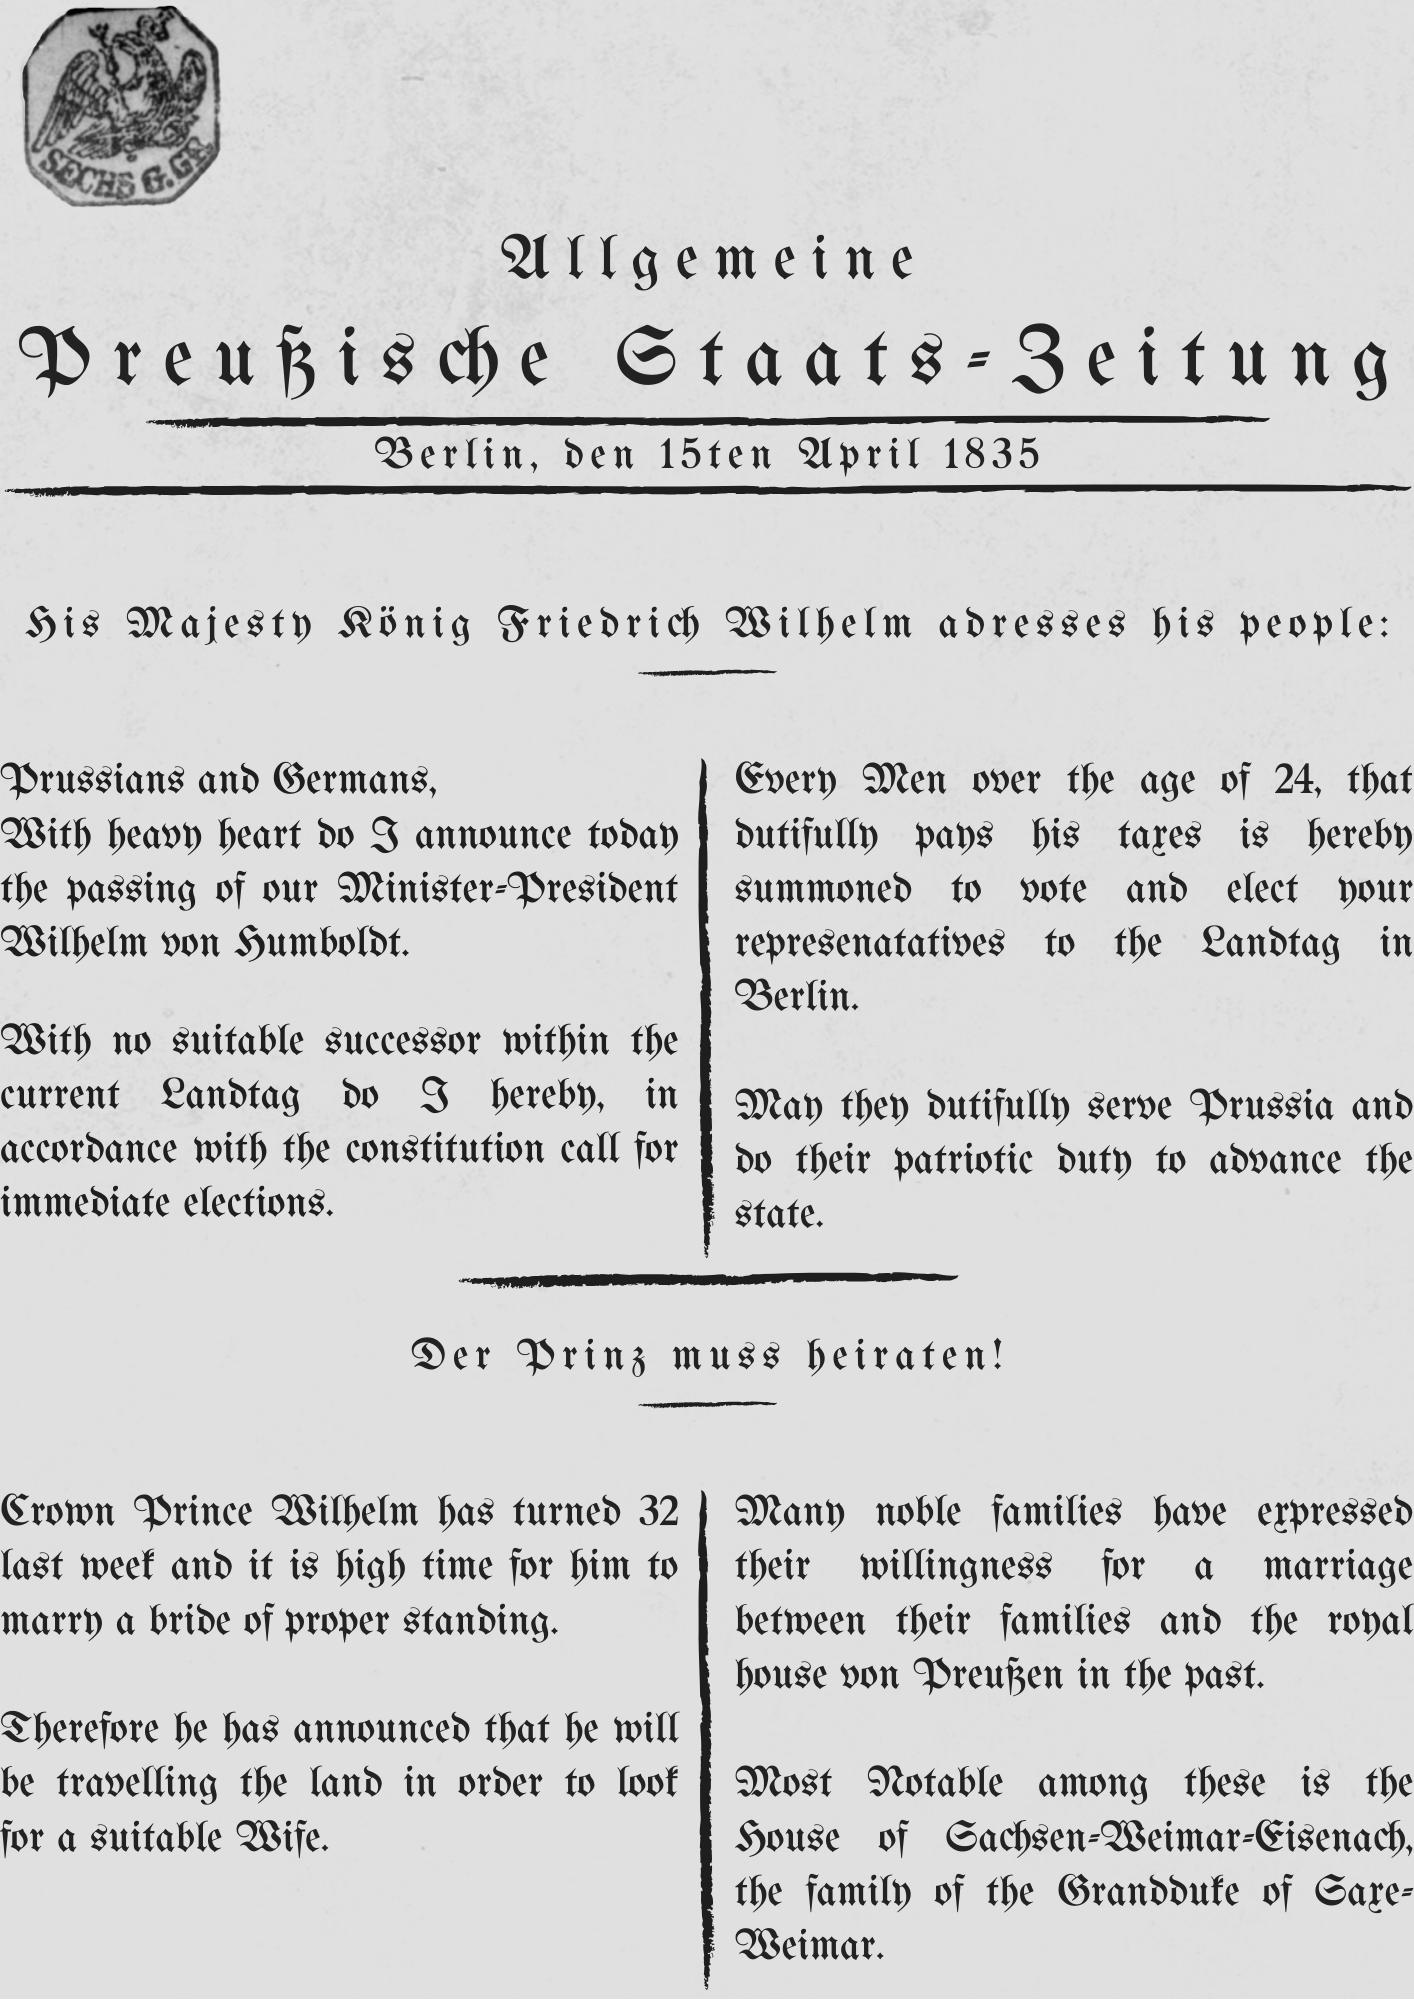 Allgemeine_Preuische_Staats-Zeitung_1.png